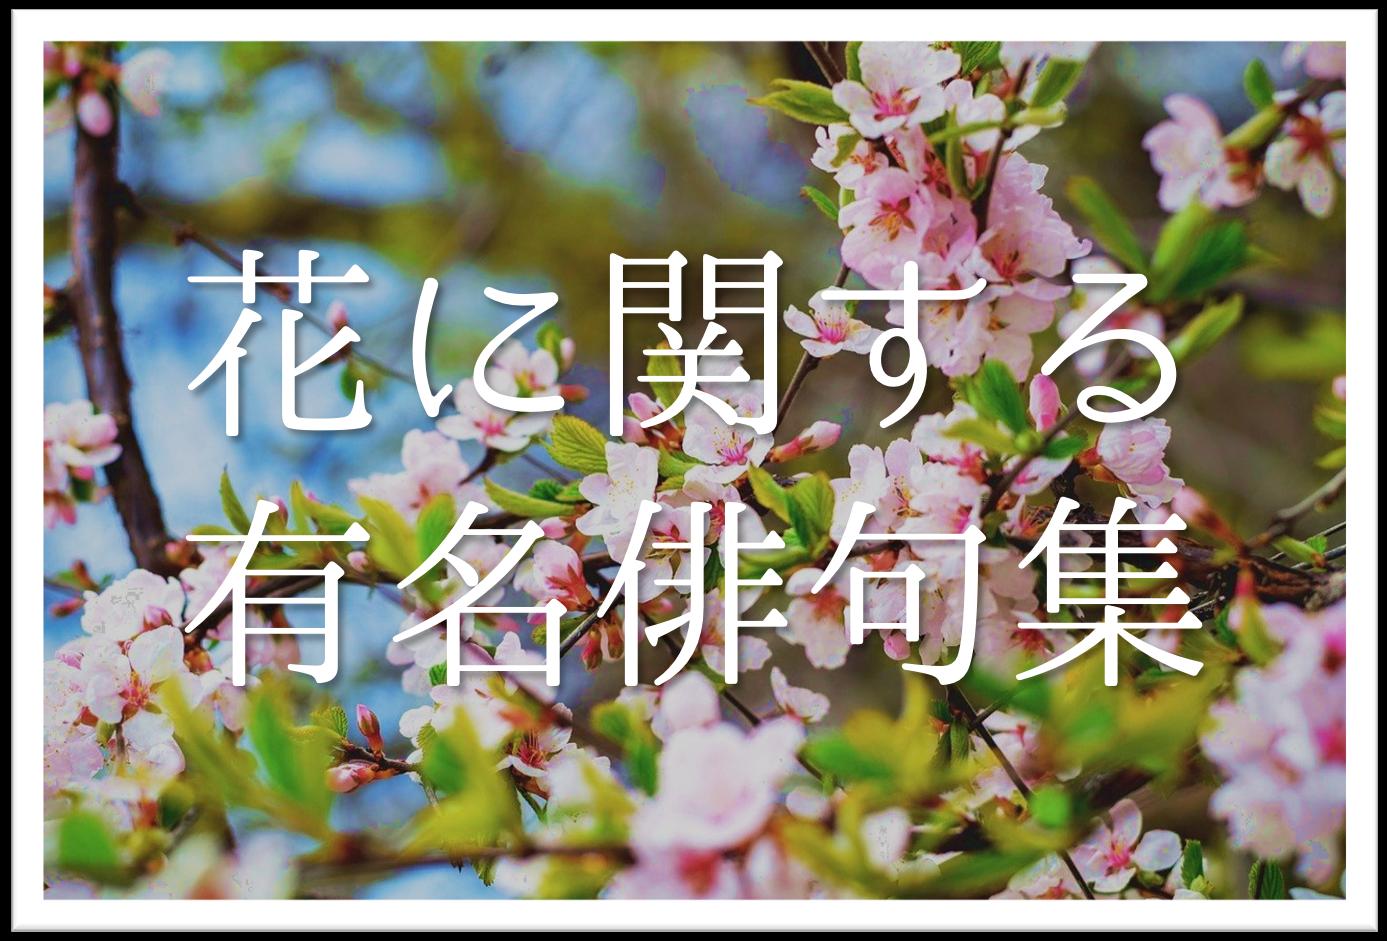 【花の有名俳句 30選】知っておきたい!!季語を含むおすすめ俳句を紹介!